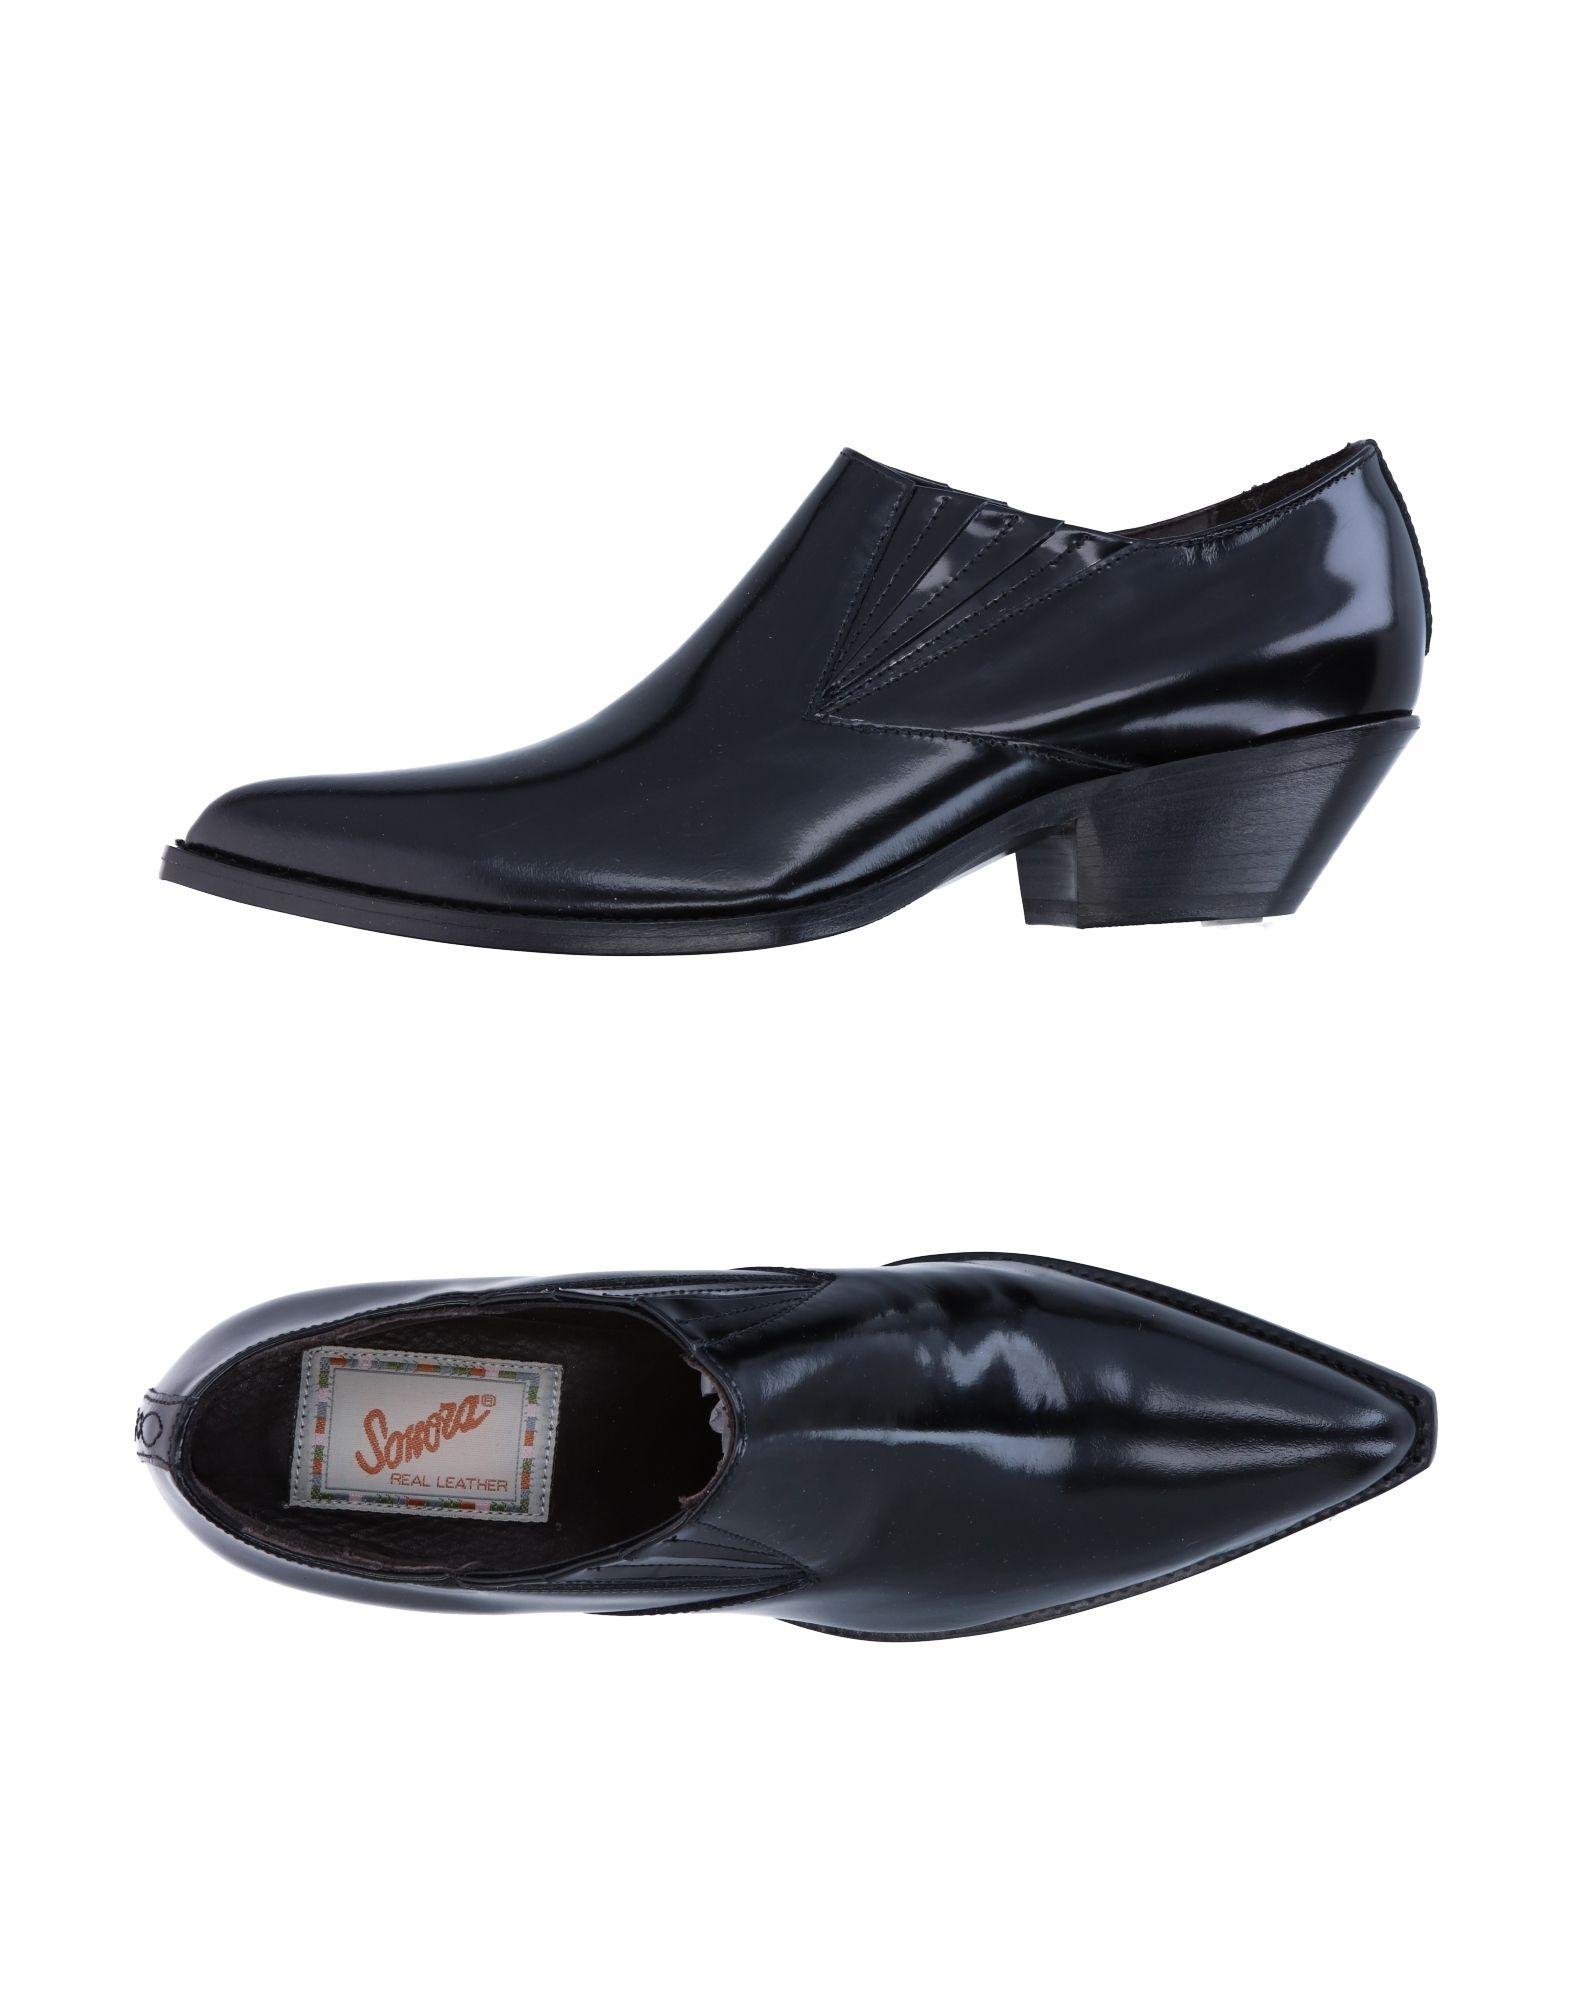 Sonora Stiefelette Damen  11238329URGut aussehende strapazierfähige Schuhe